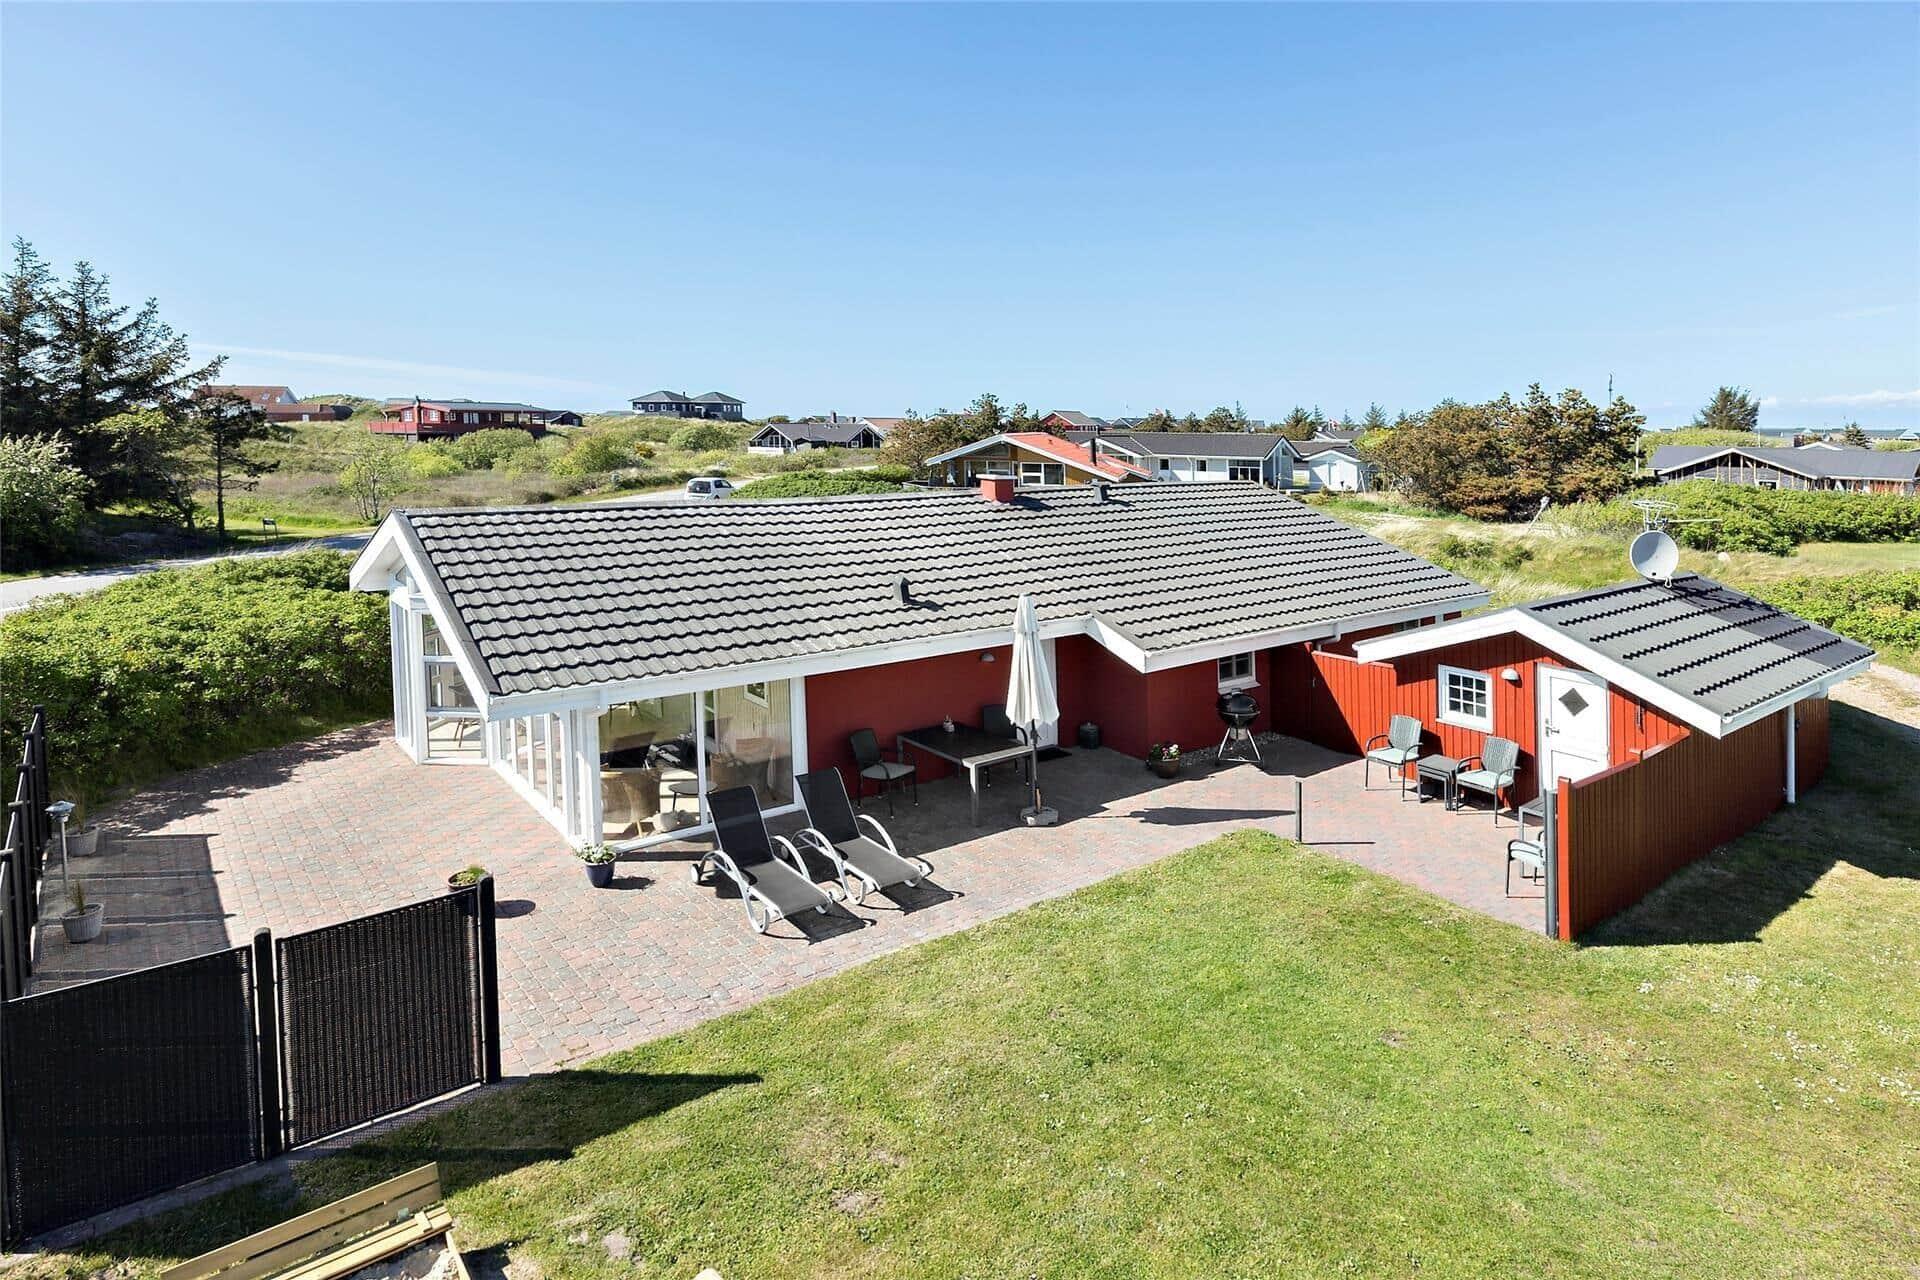 Billede 1-11 Sommerhus 0051, Lakolk 49, DK - 6792 Rømø